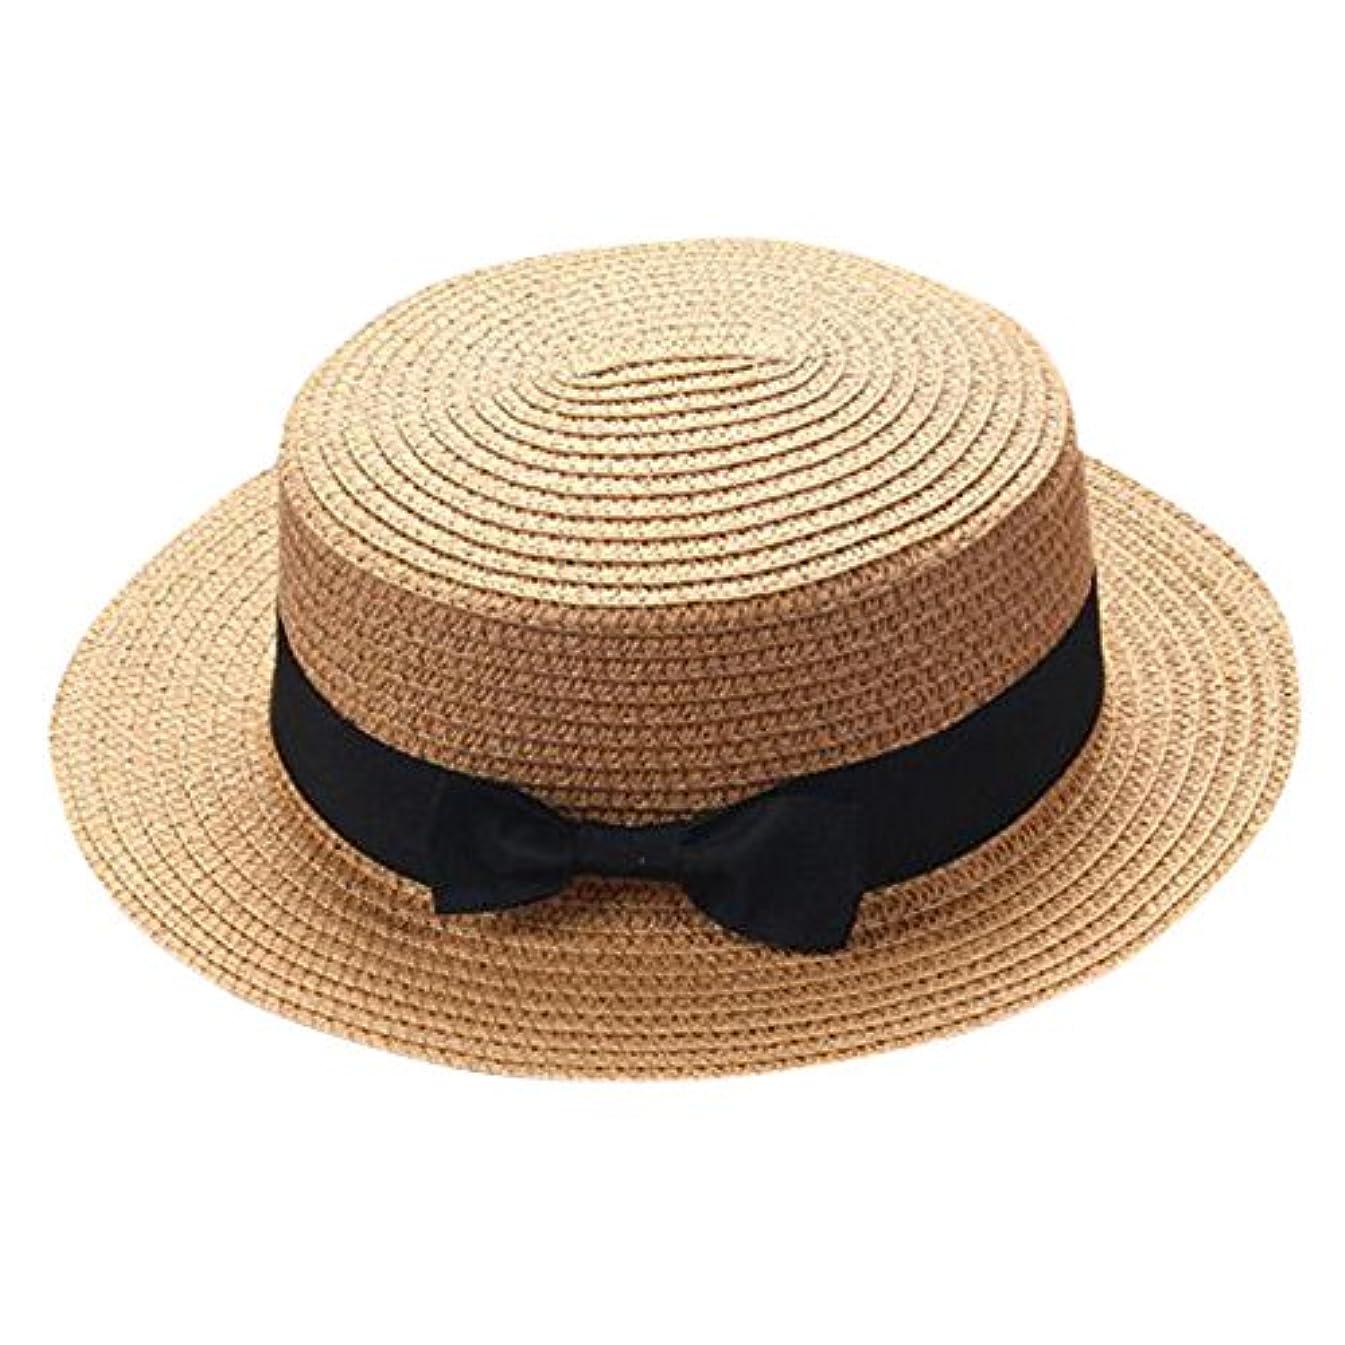 する必要があるリファイン勝つキャップ キッズ 日よけ 帽子 小顔効果抜群 旅行用 日よけ 夏 ビーチ 海辺 かわいい リゾート 紫外線対策 男女兼用 日焼け防止 熱中症予防 取り外すあご紐 つば広 おしゃれ 可愛い 夏 ROSE ROMAN